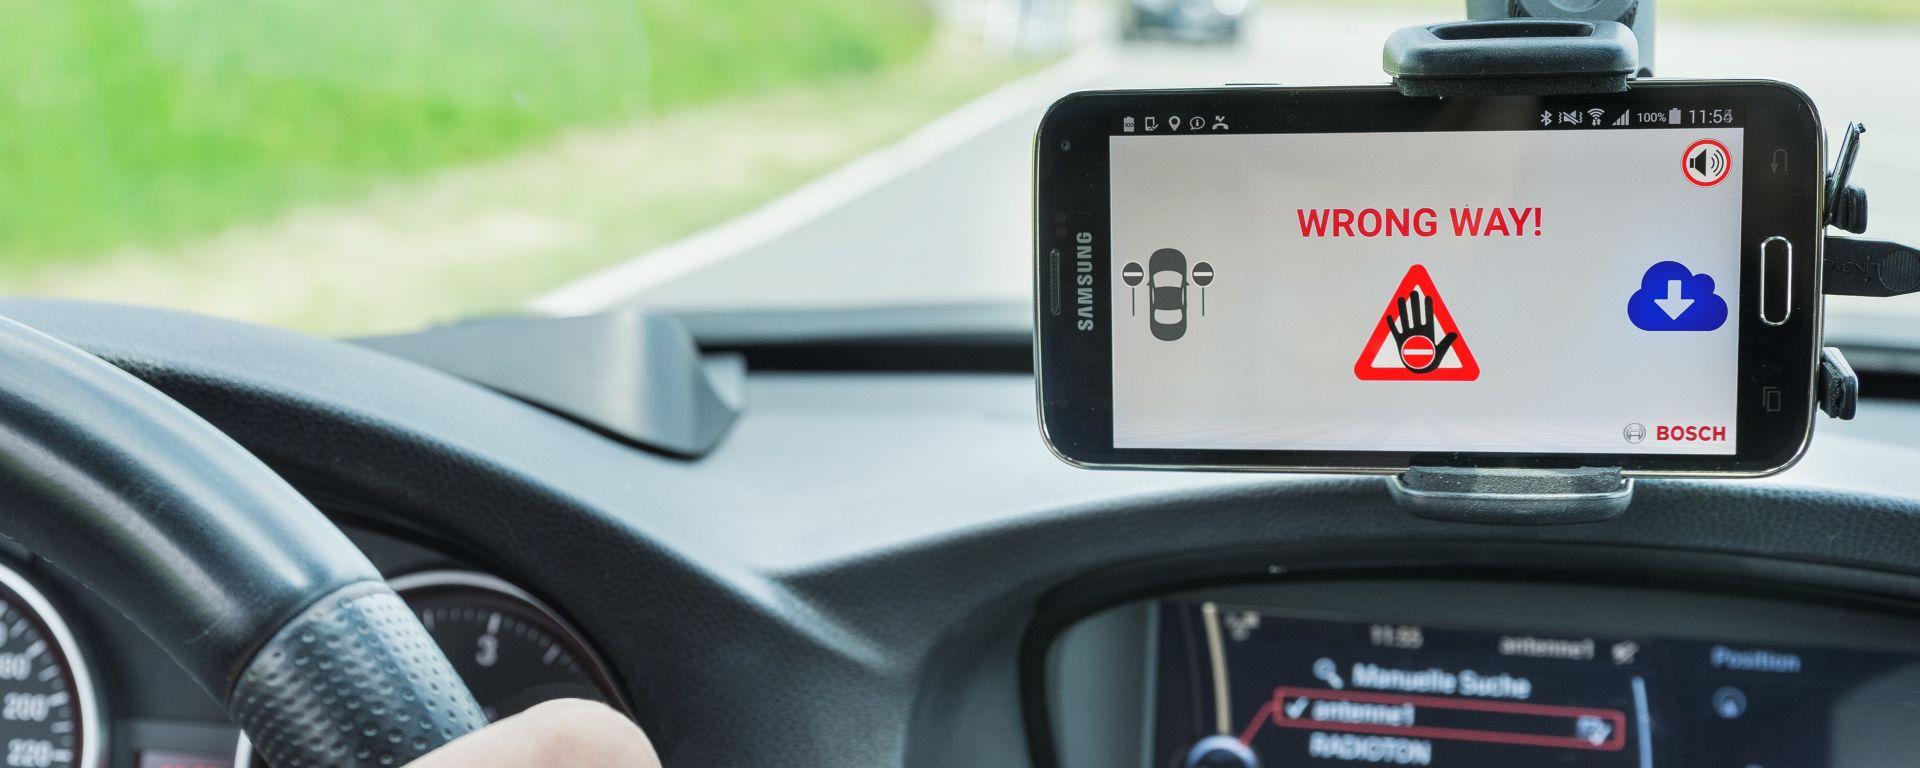 Il sistema wrong-way-warning di Bosch